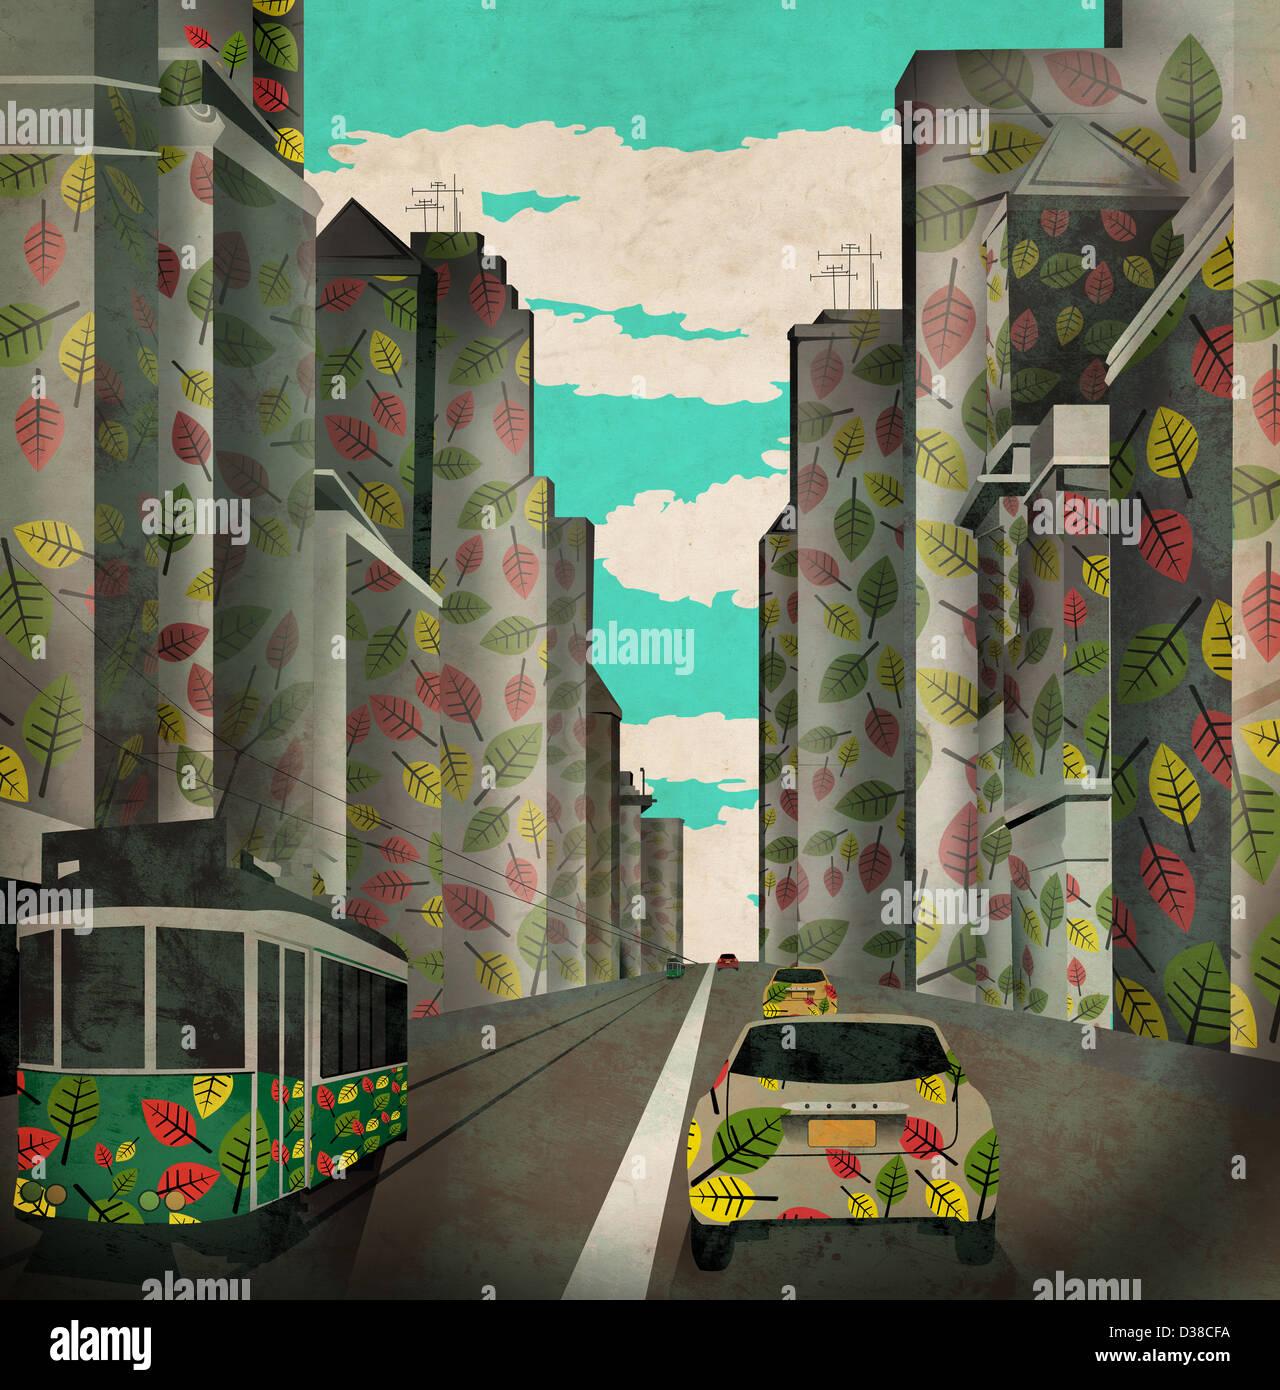 Anschauliches Bild von Fahrzeugen und Gebäuden mit Blätter-Design repräsentieren Ökostadt Stockbild